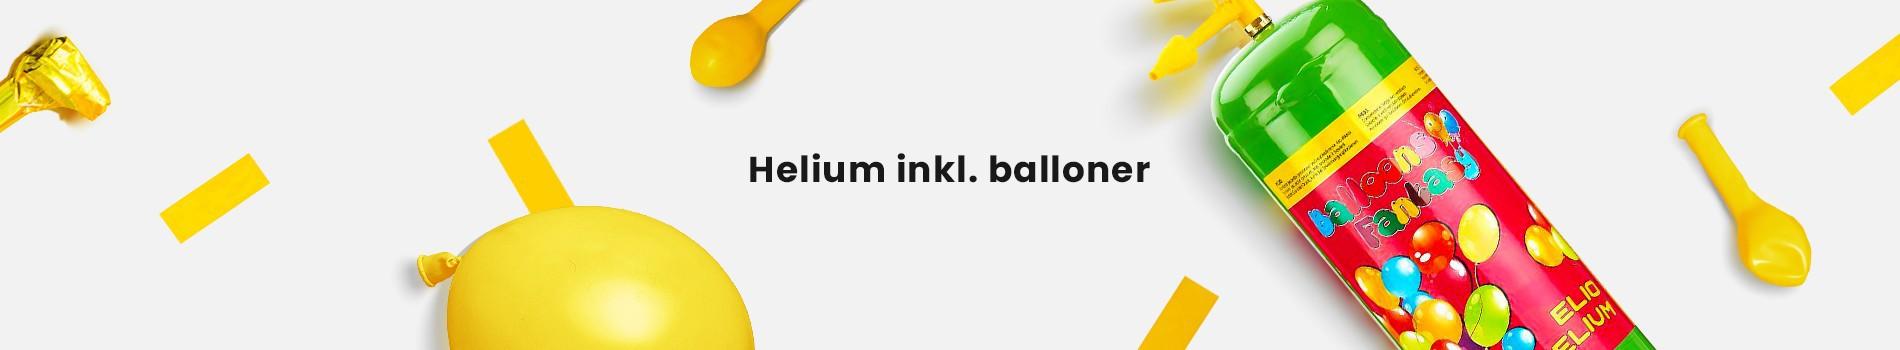 Ballonger för fest   Billiga Heliumballonger   Snabb Leverans